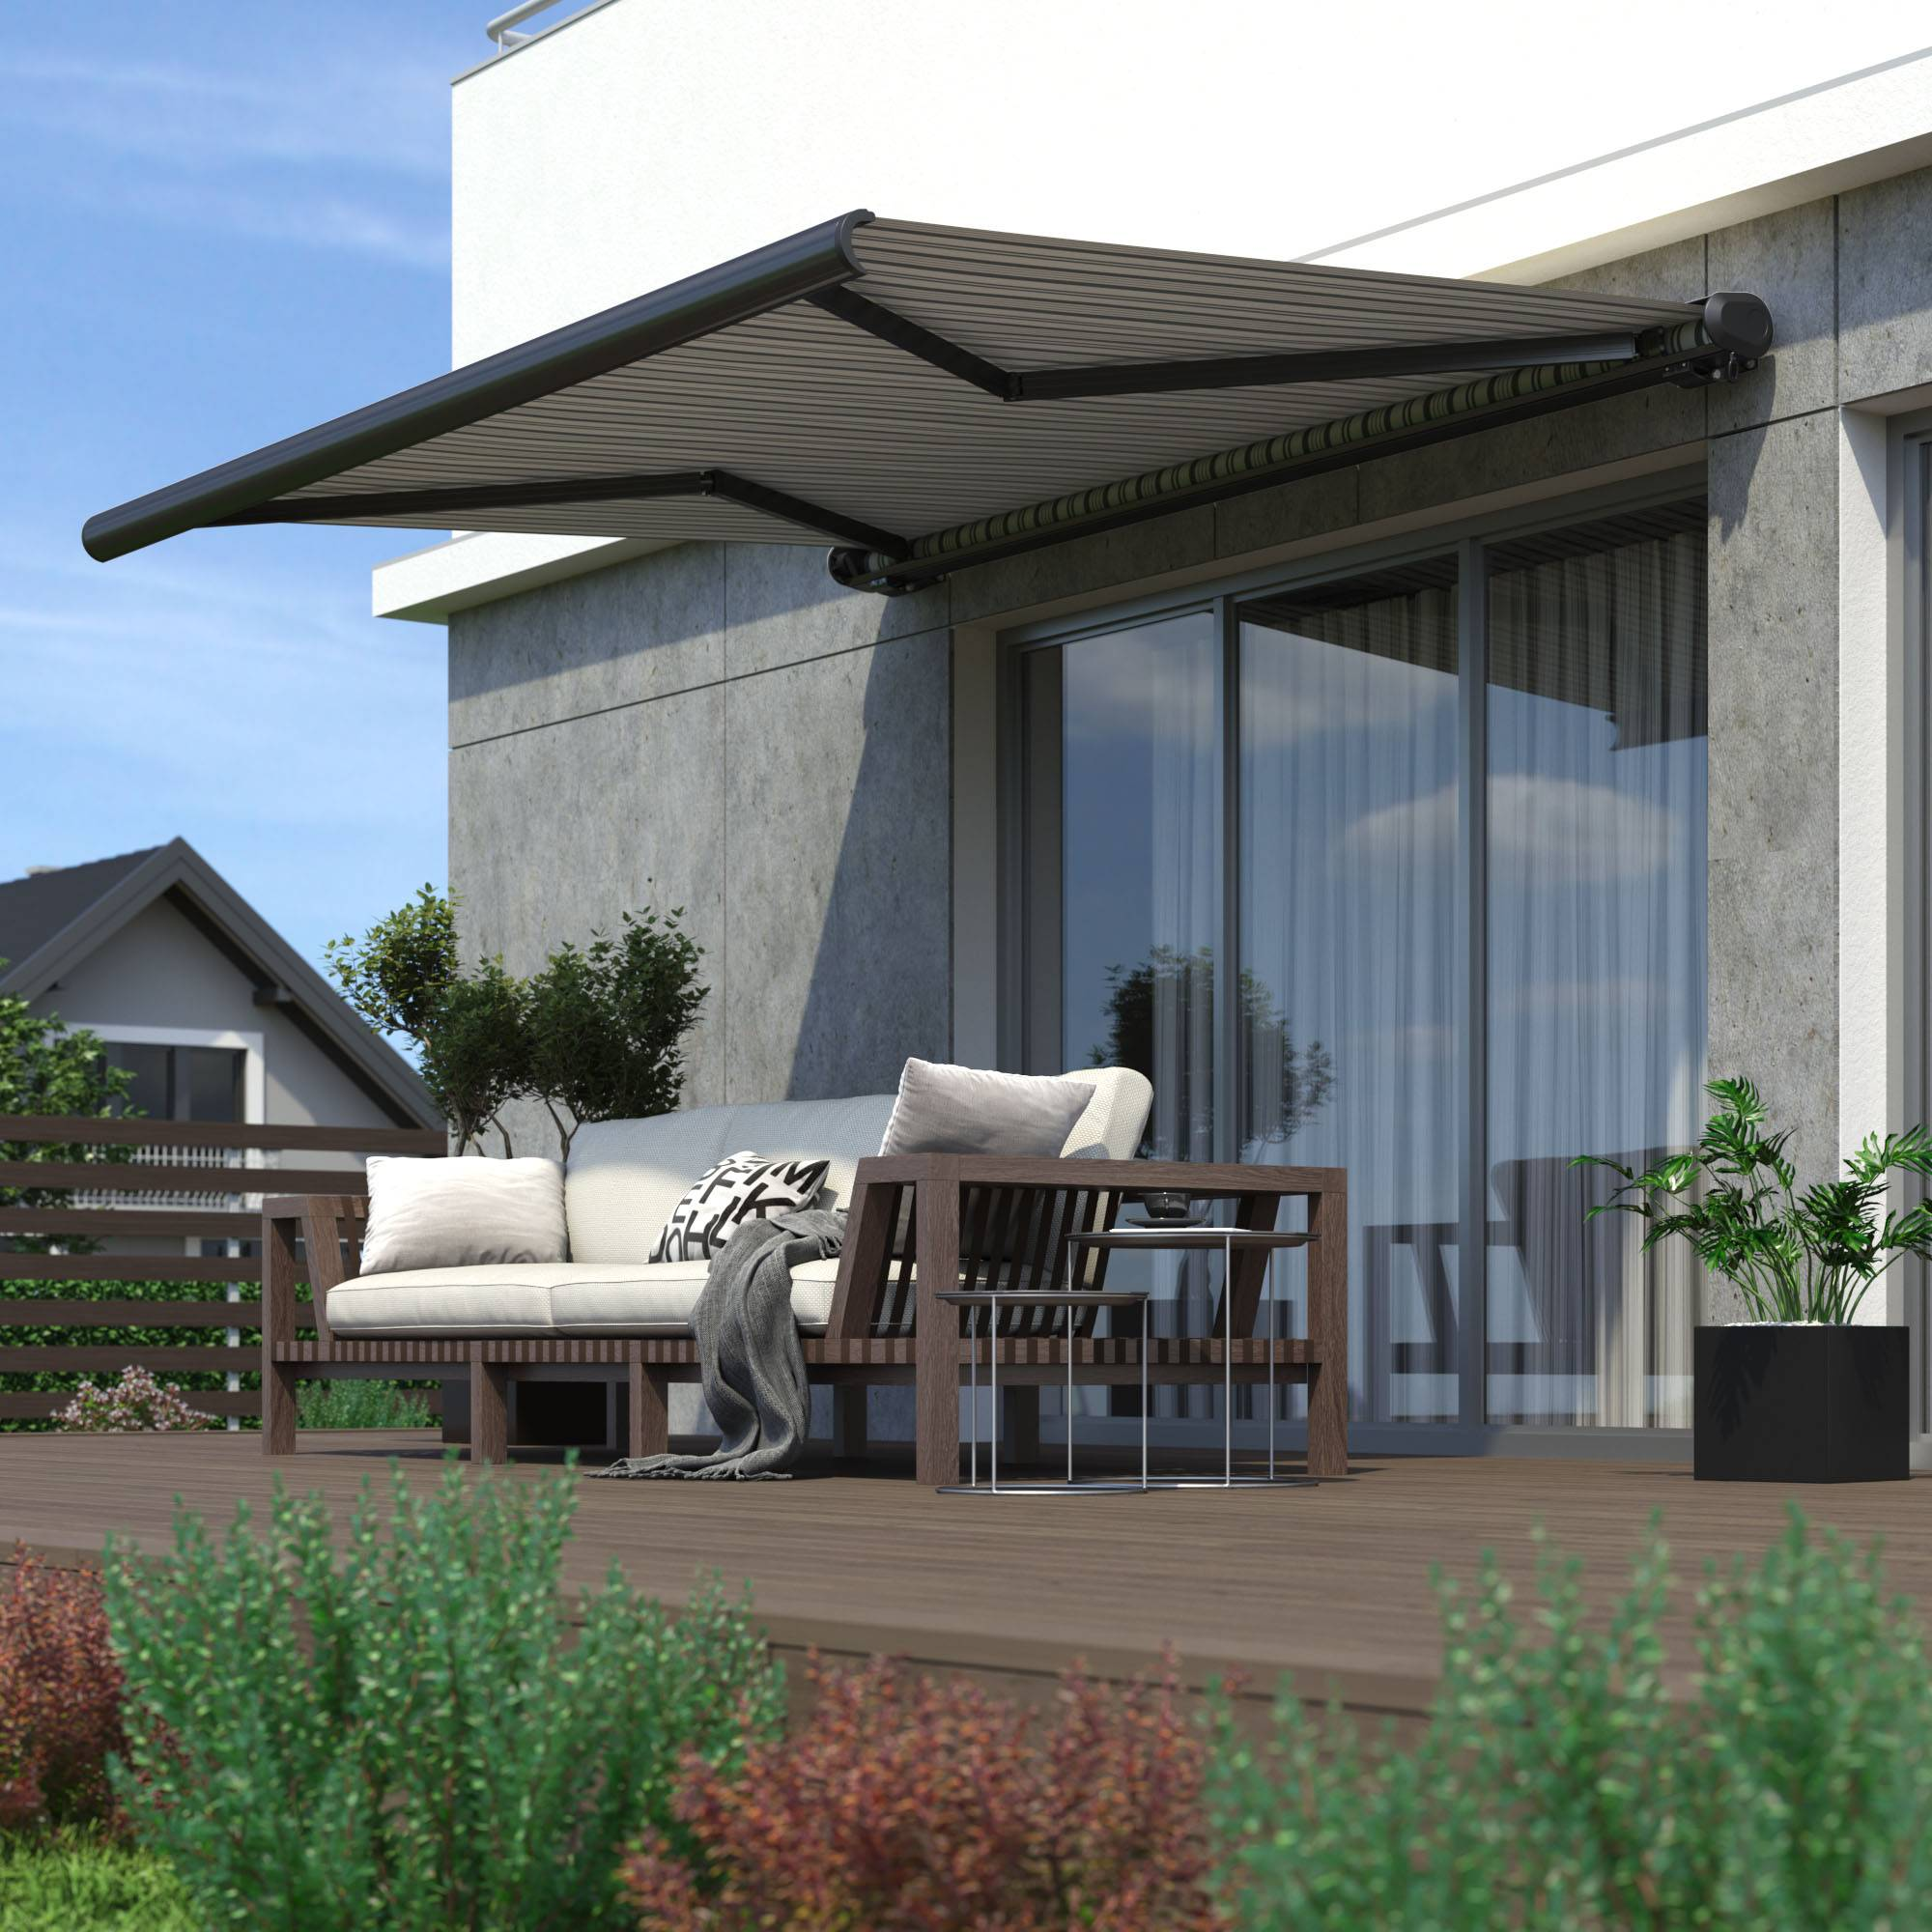 Paramondo Store Banne Coffre Motorisé, Prêt-à-poser, Cadre Blanc, Toile Blanc - Gris 5 x 3,5 m